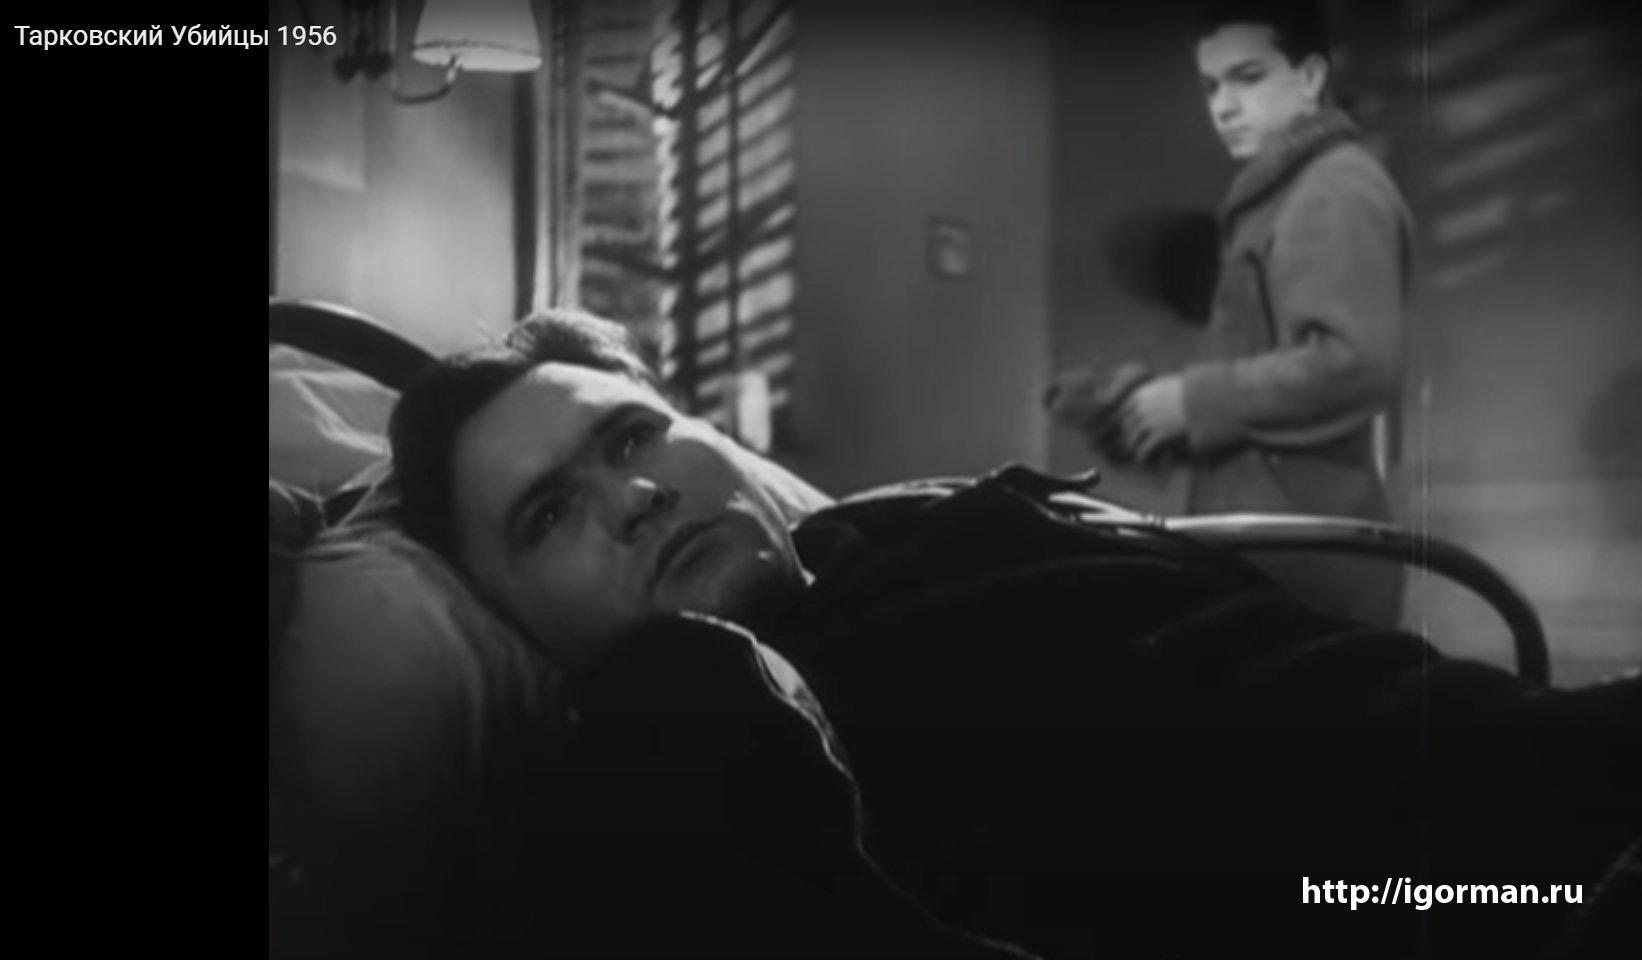 Василий Шукшин в фильме Андрея Тарковского Убийцы, 1956 г.